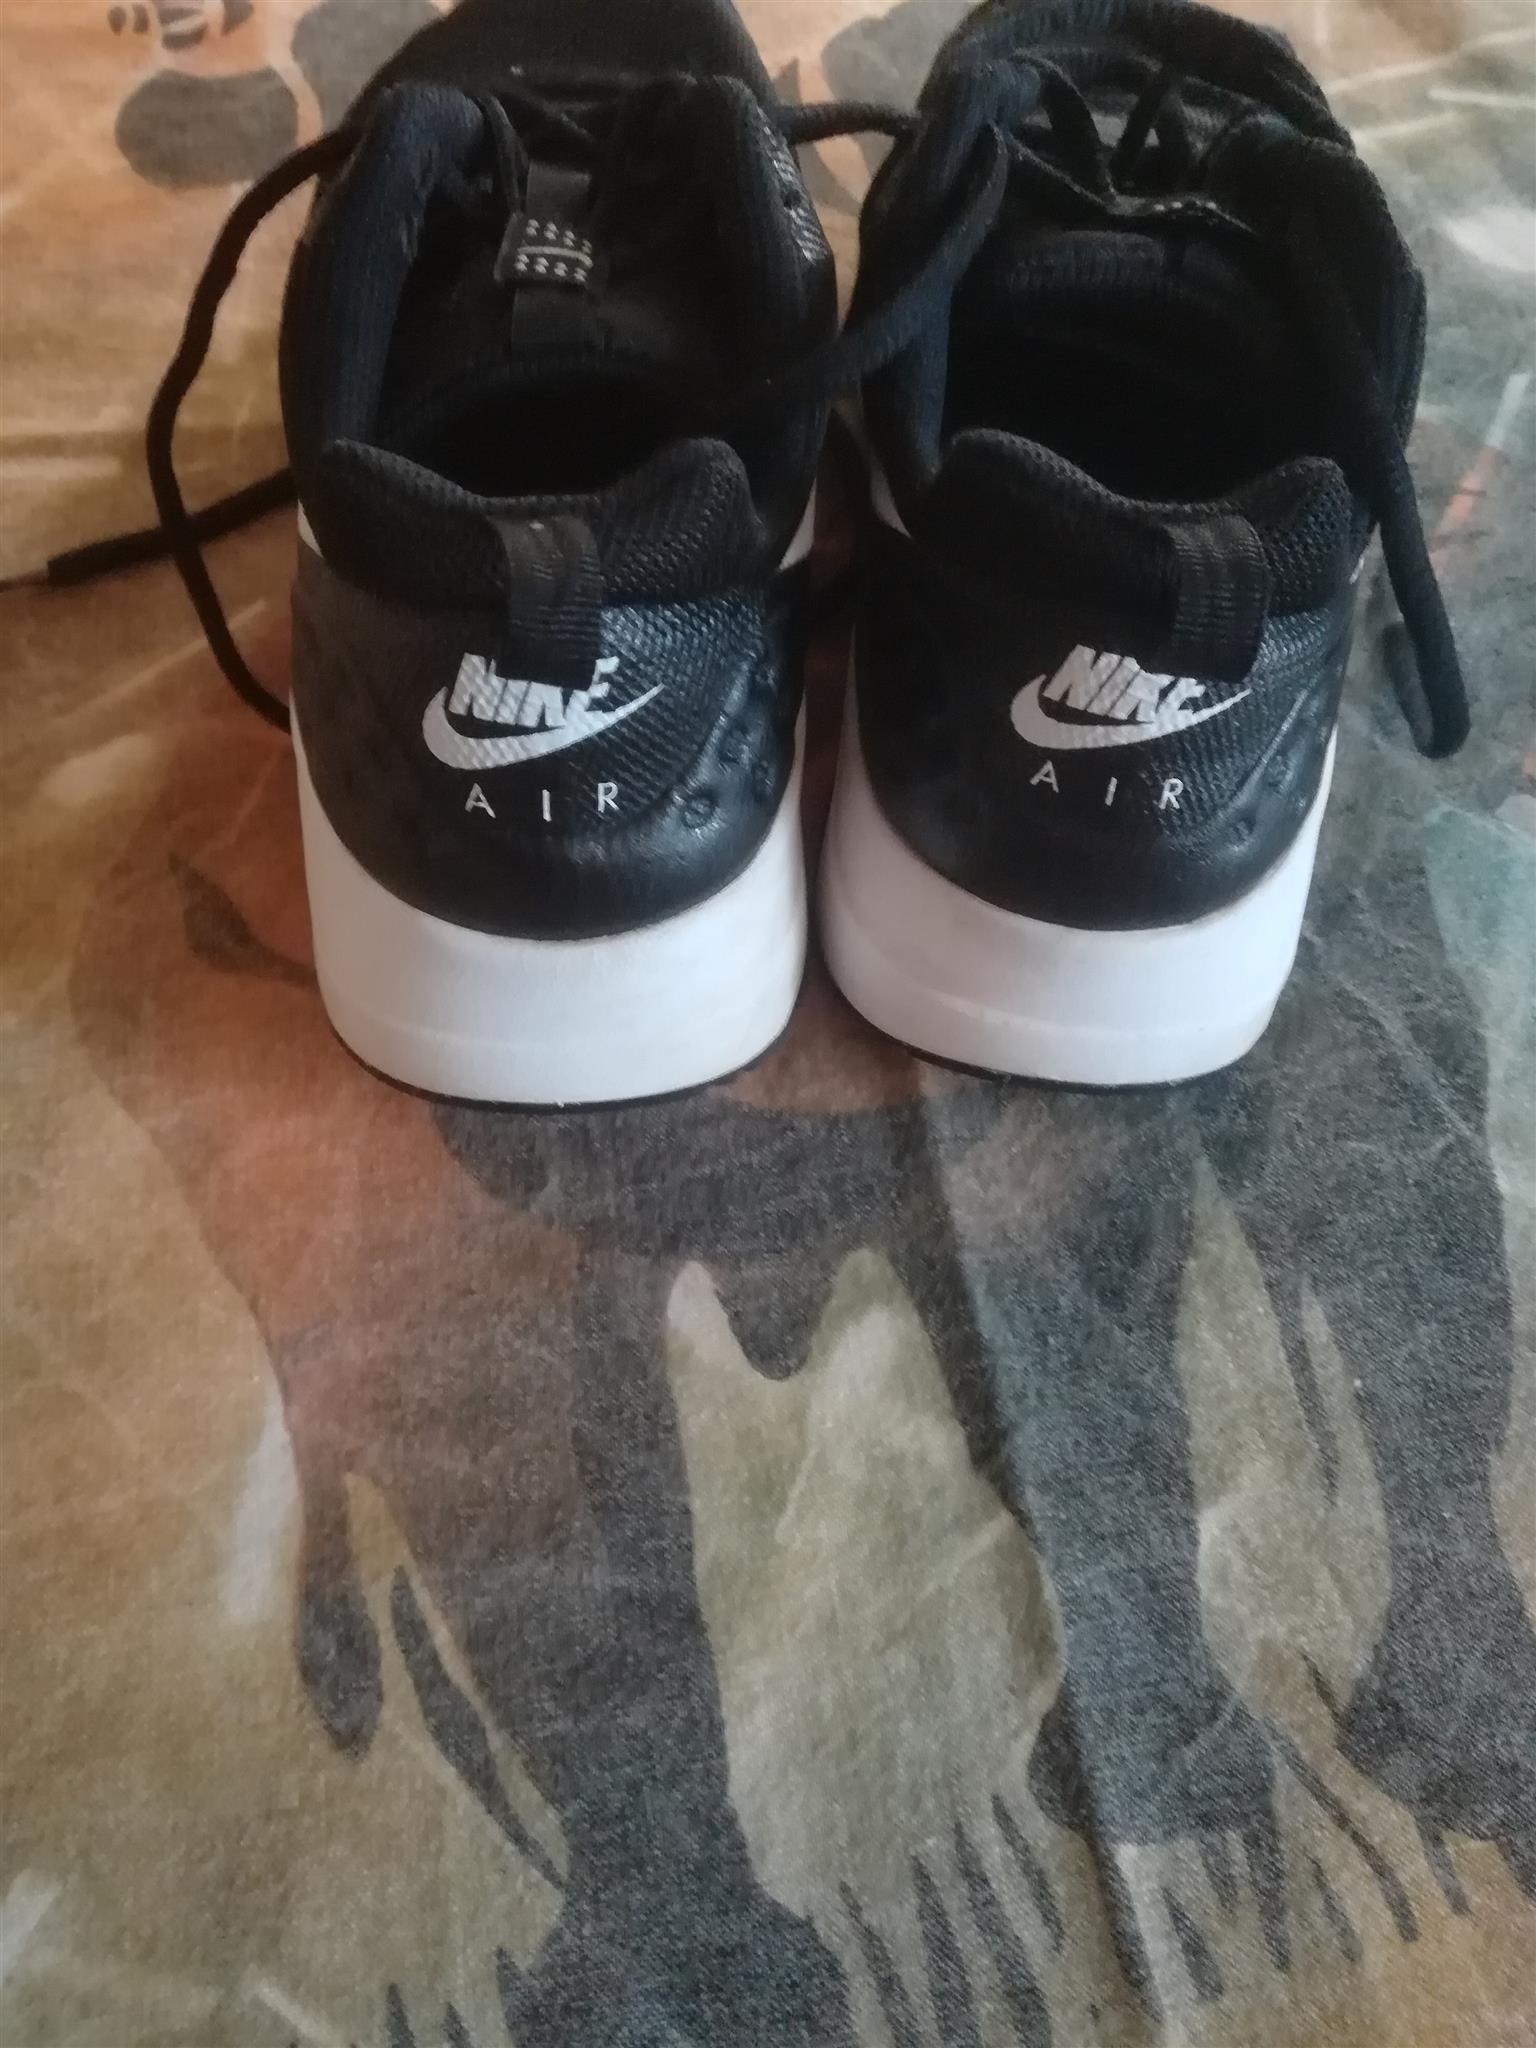 Nike Air size 4.5